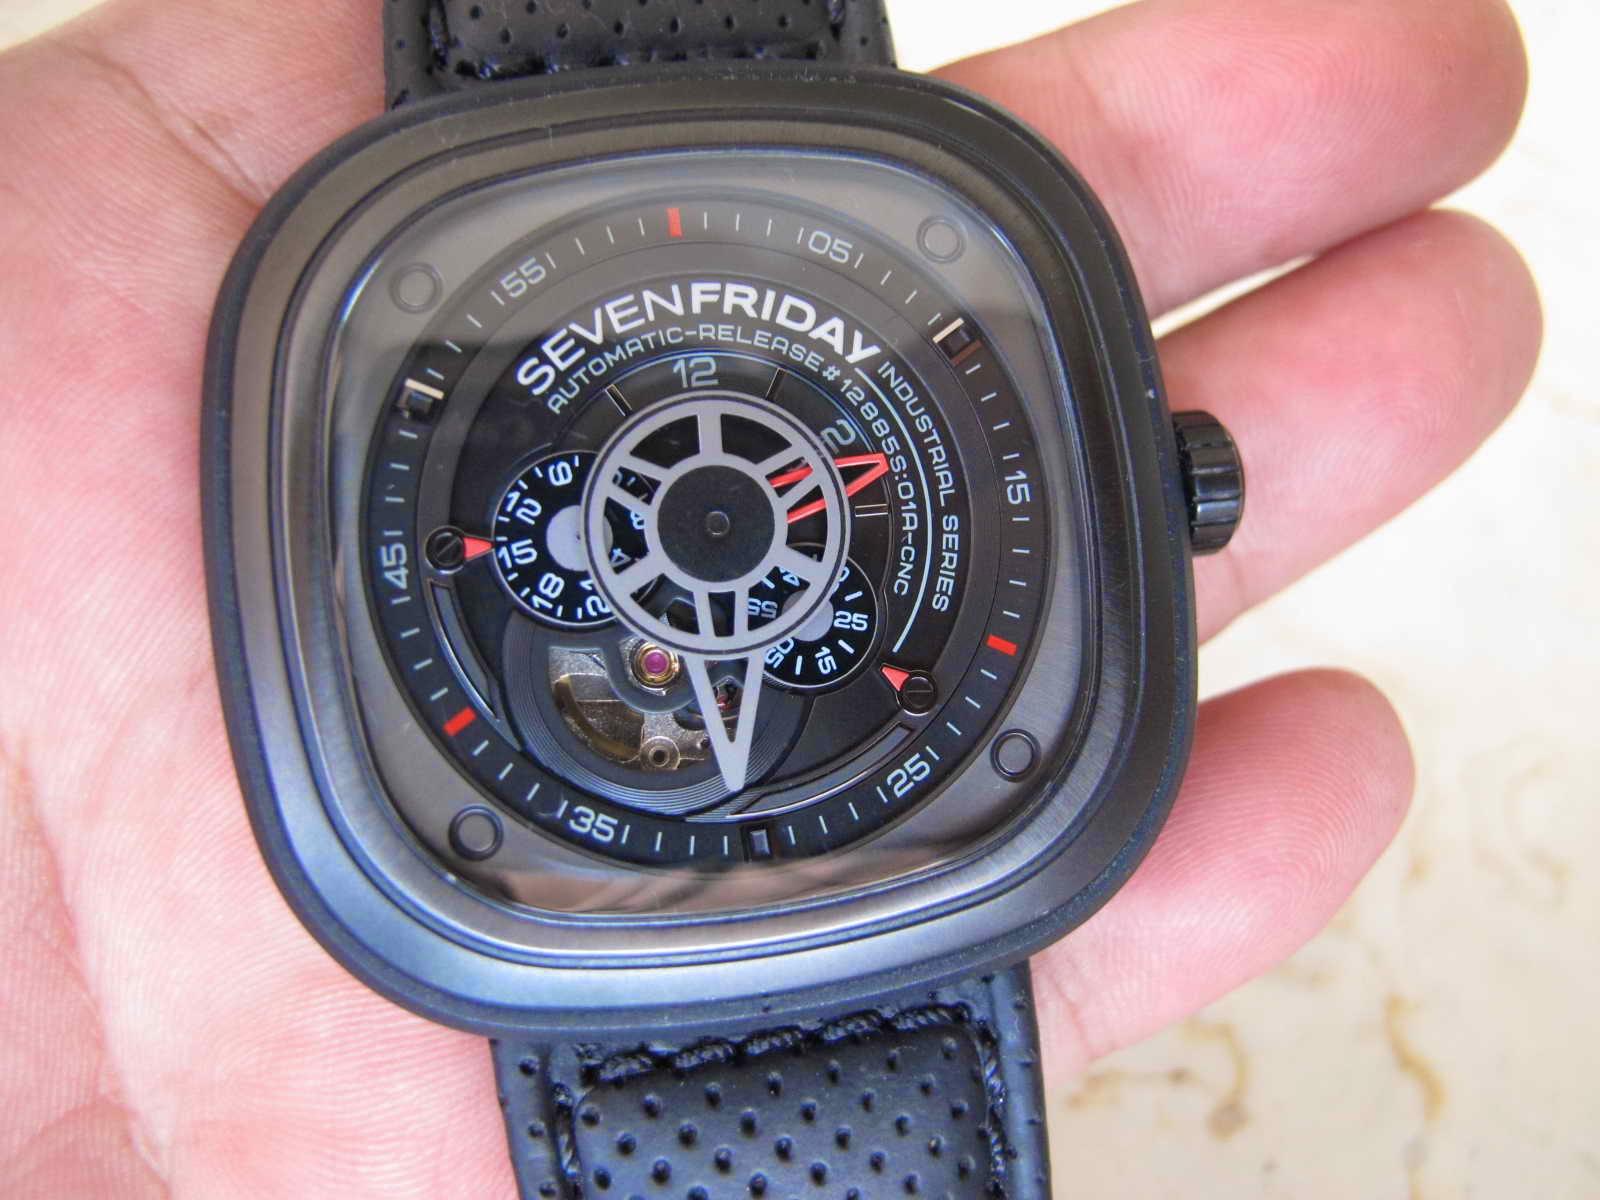 kulit original Seven Friday dan 1 Nato Strap Very nice and unique Seven Friday Watch Cocok untuk Anda yang sedang mencari jam tangan dengan